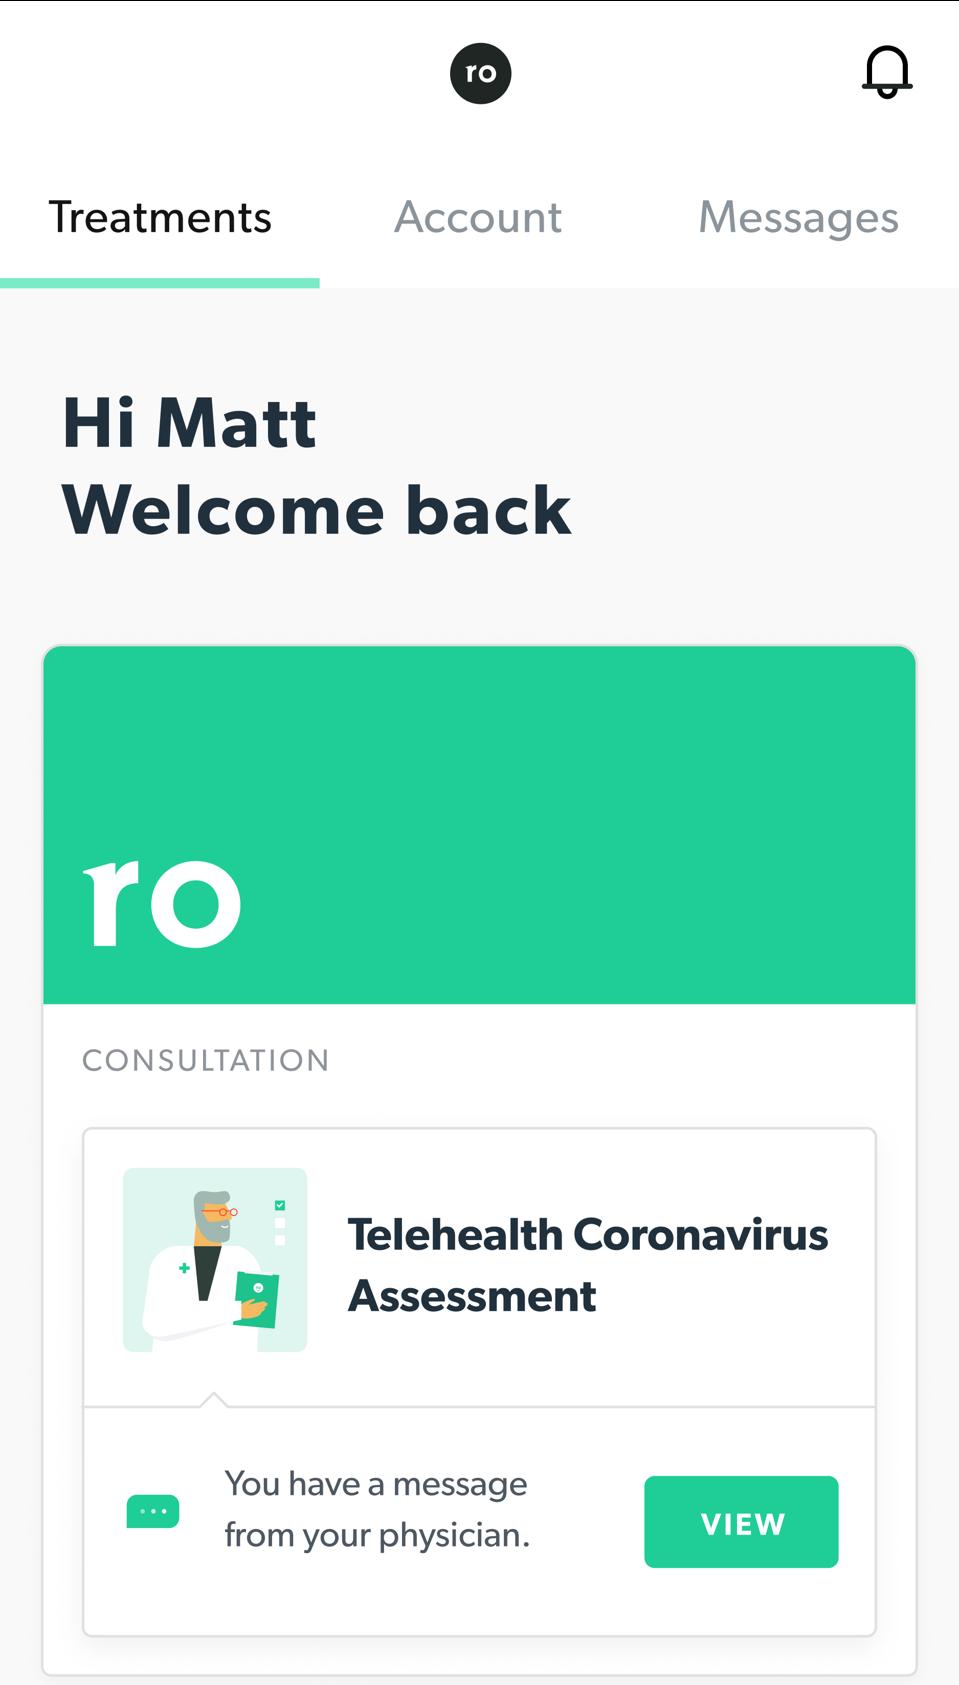 Mobile image of the Telehealth Coronavirus Assessment